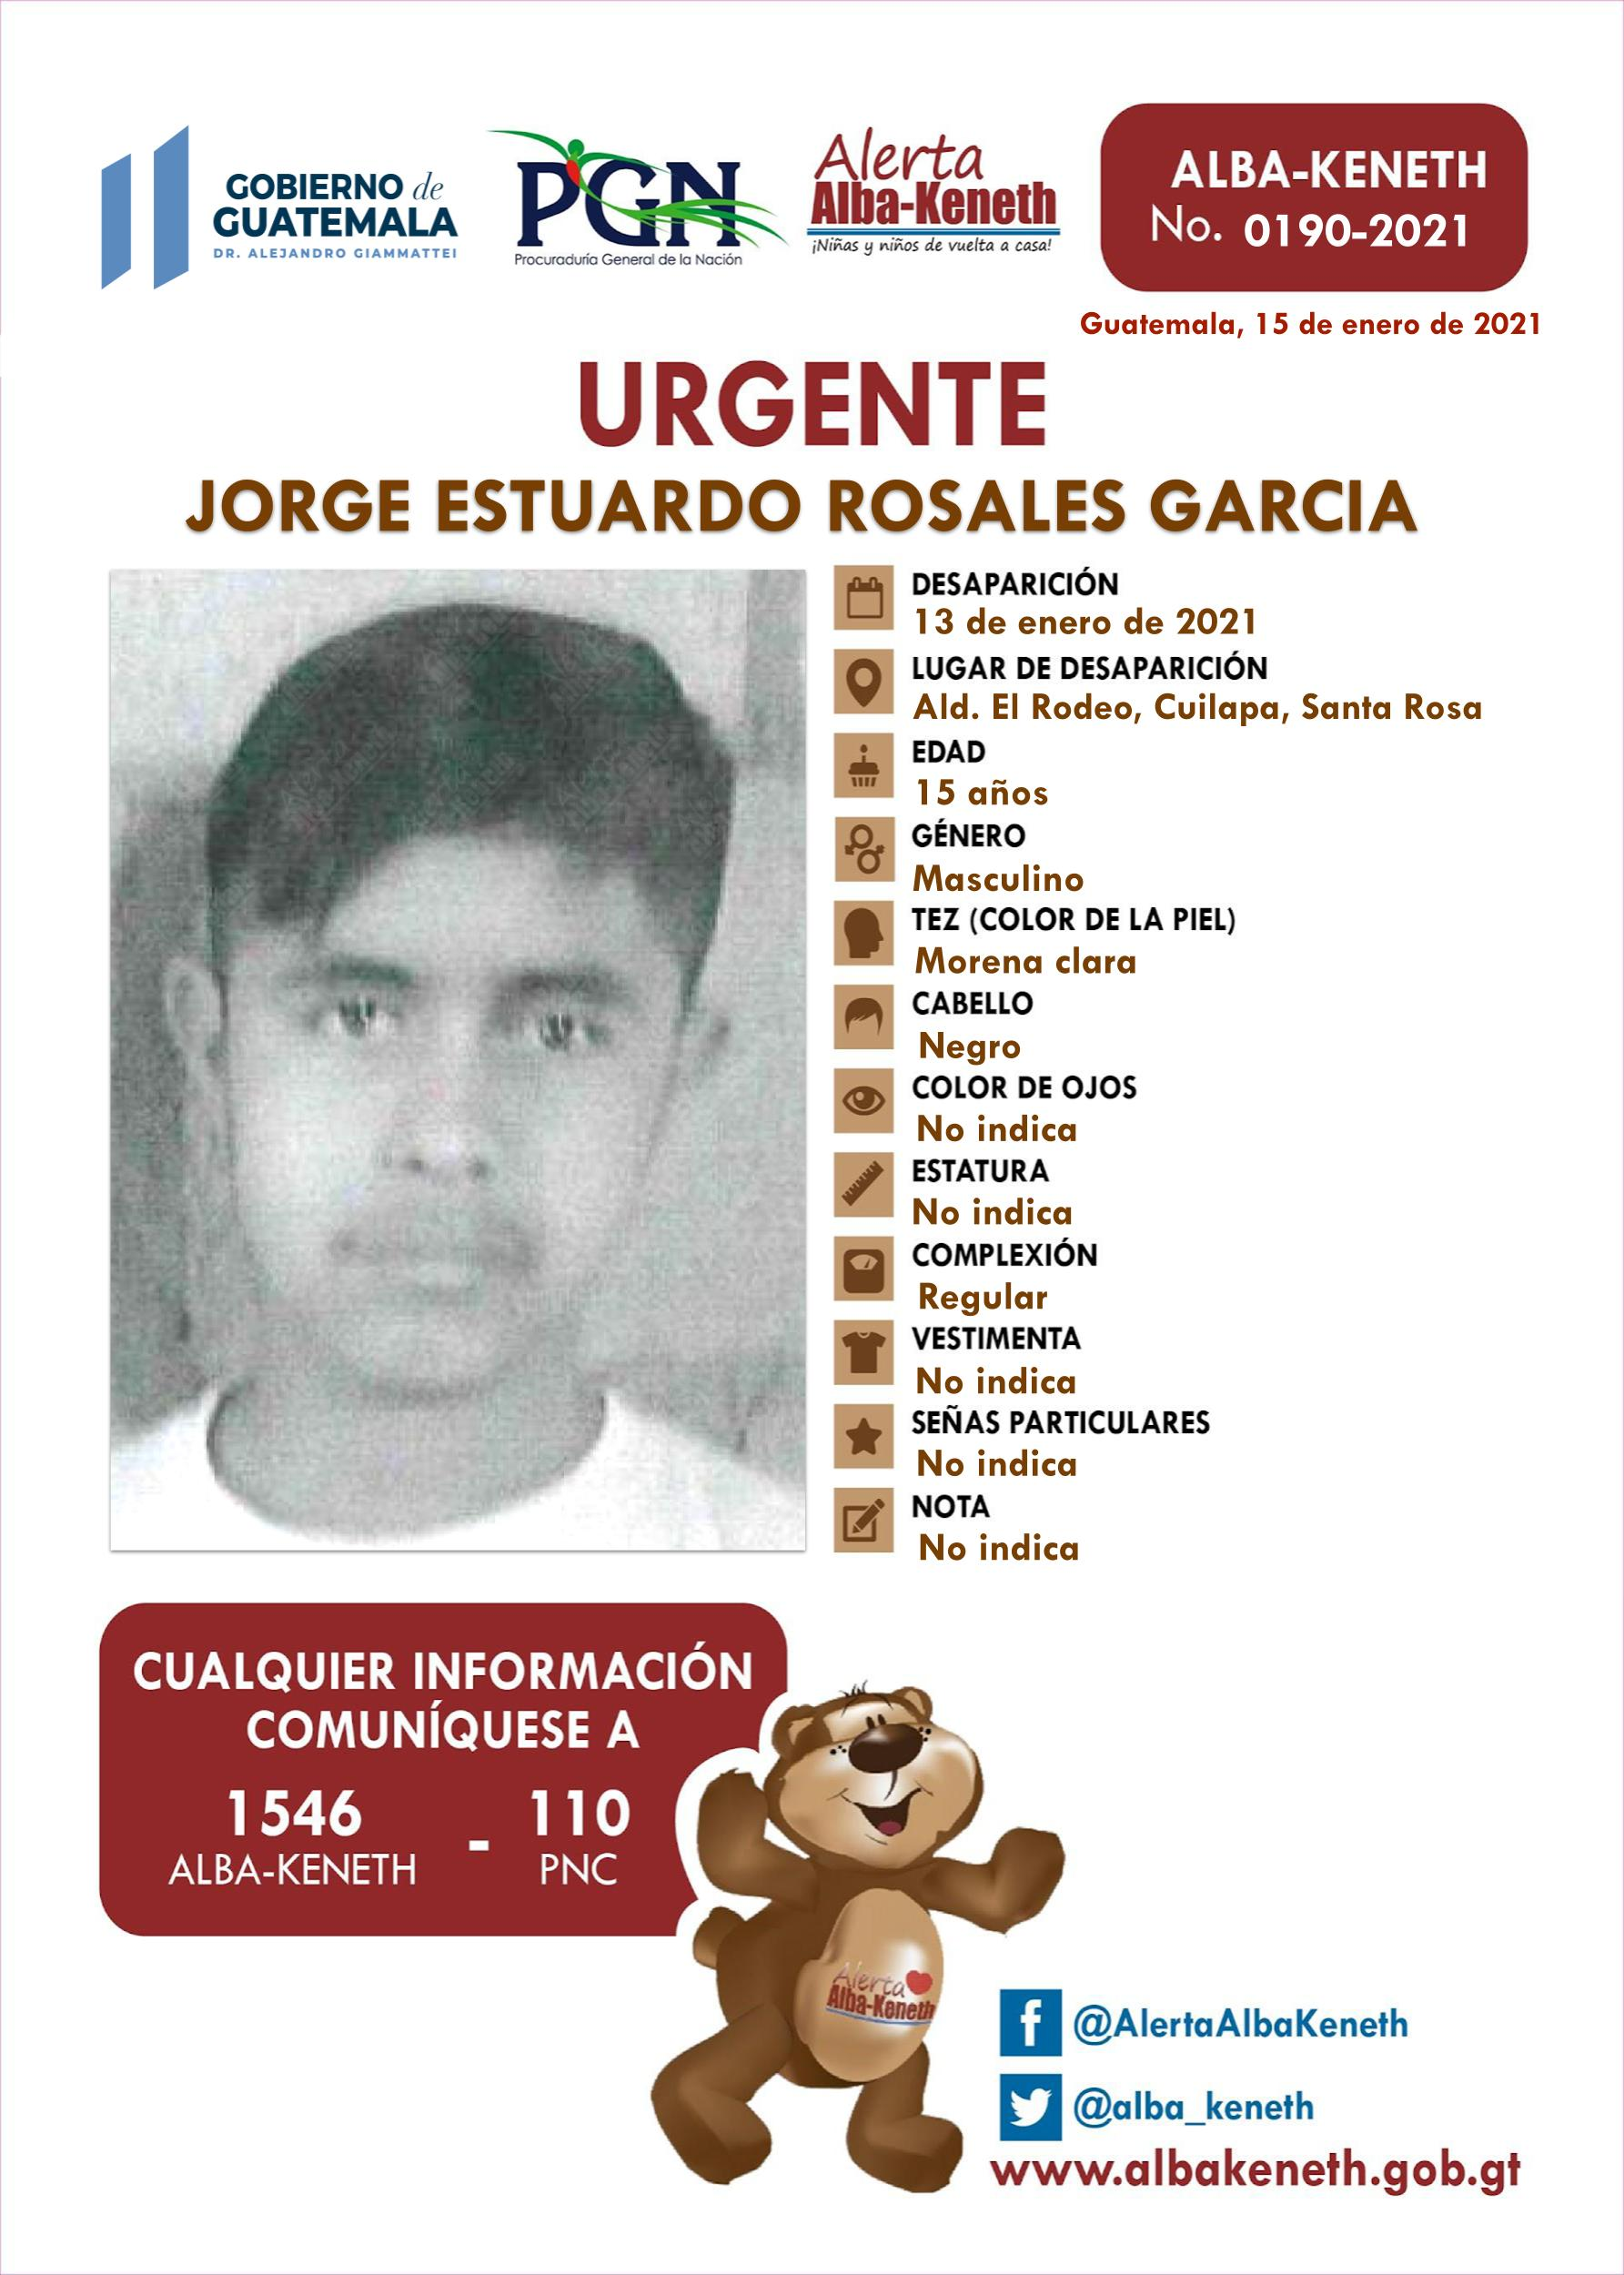 Jorge Estuardo Rosales Garcia